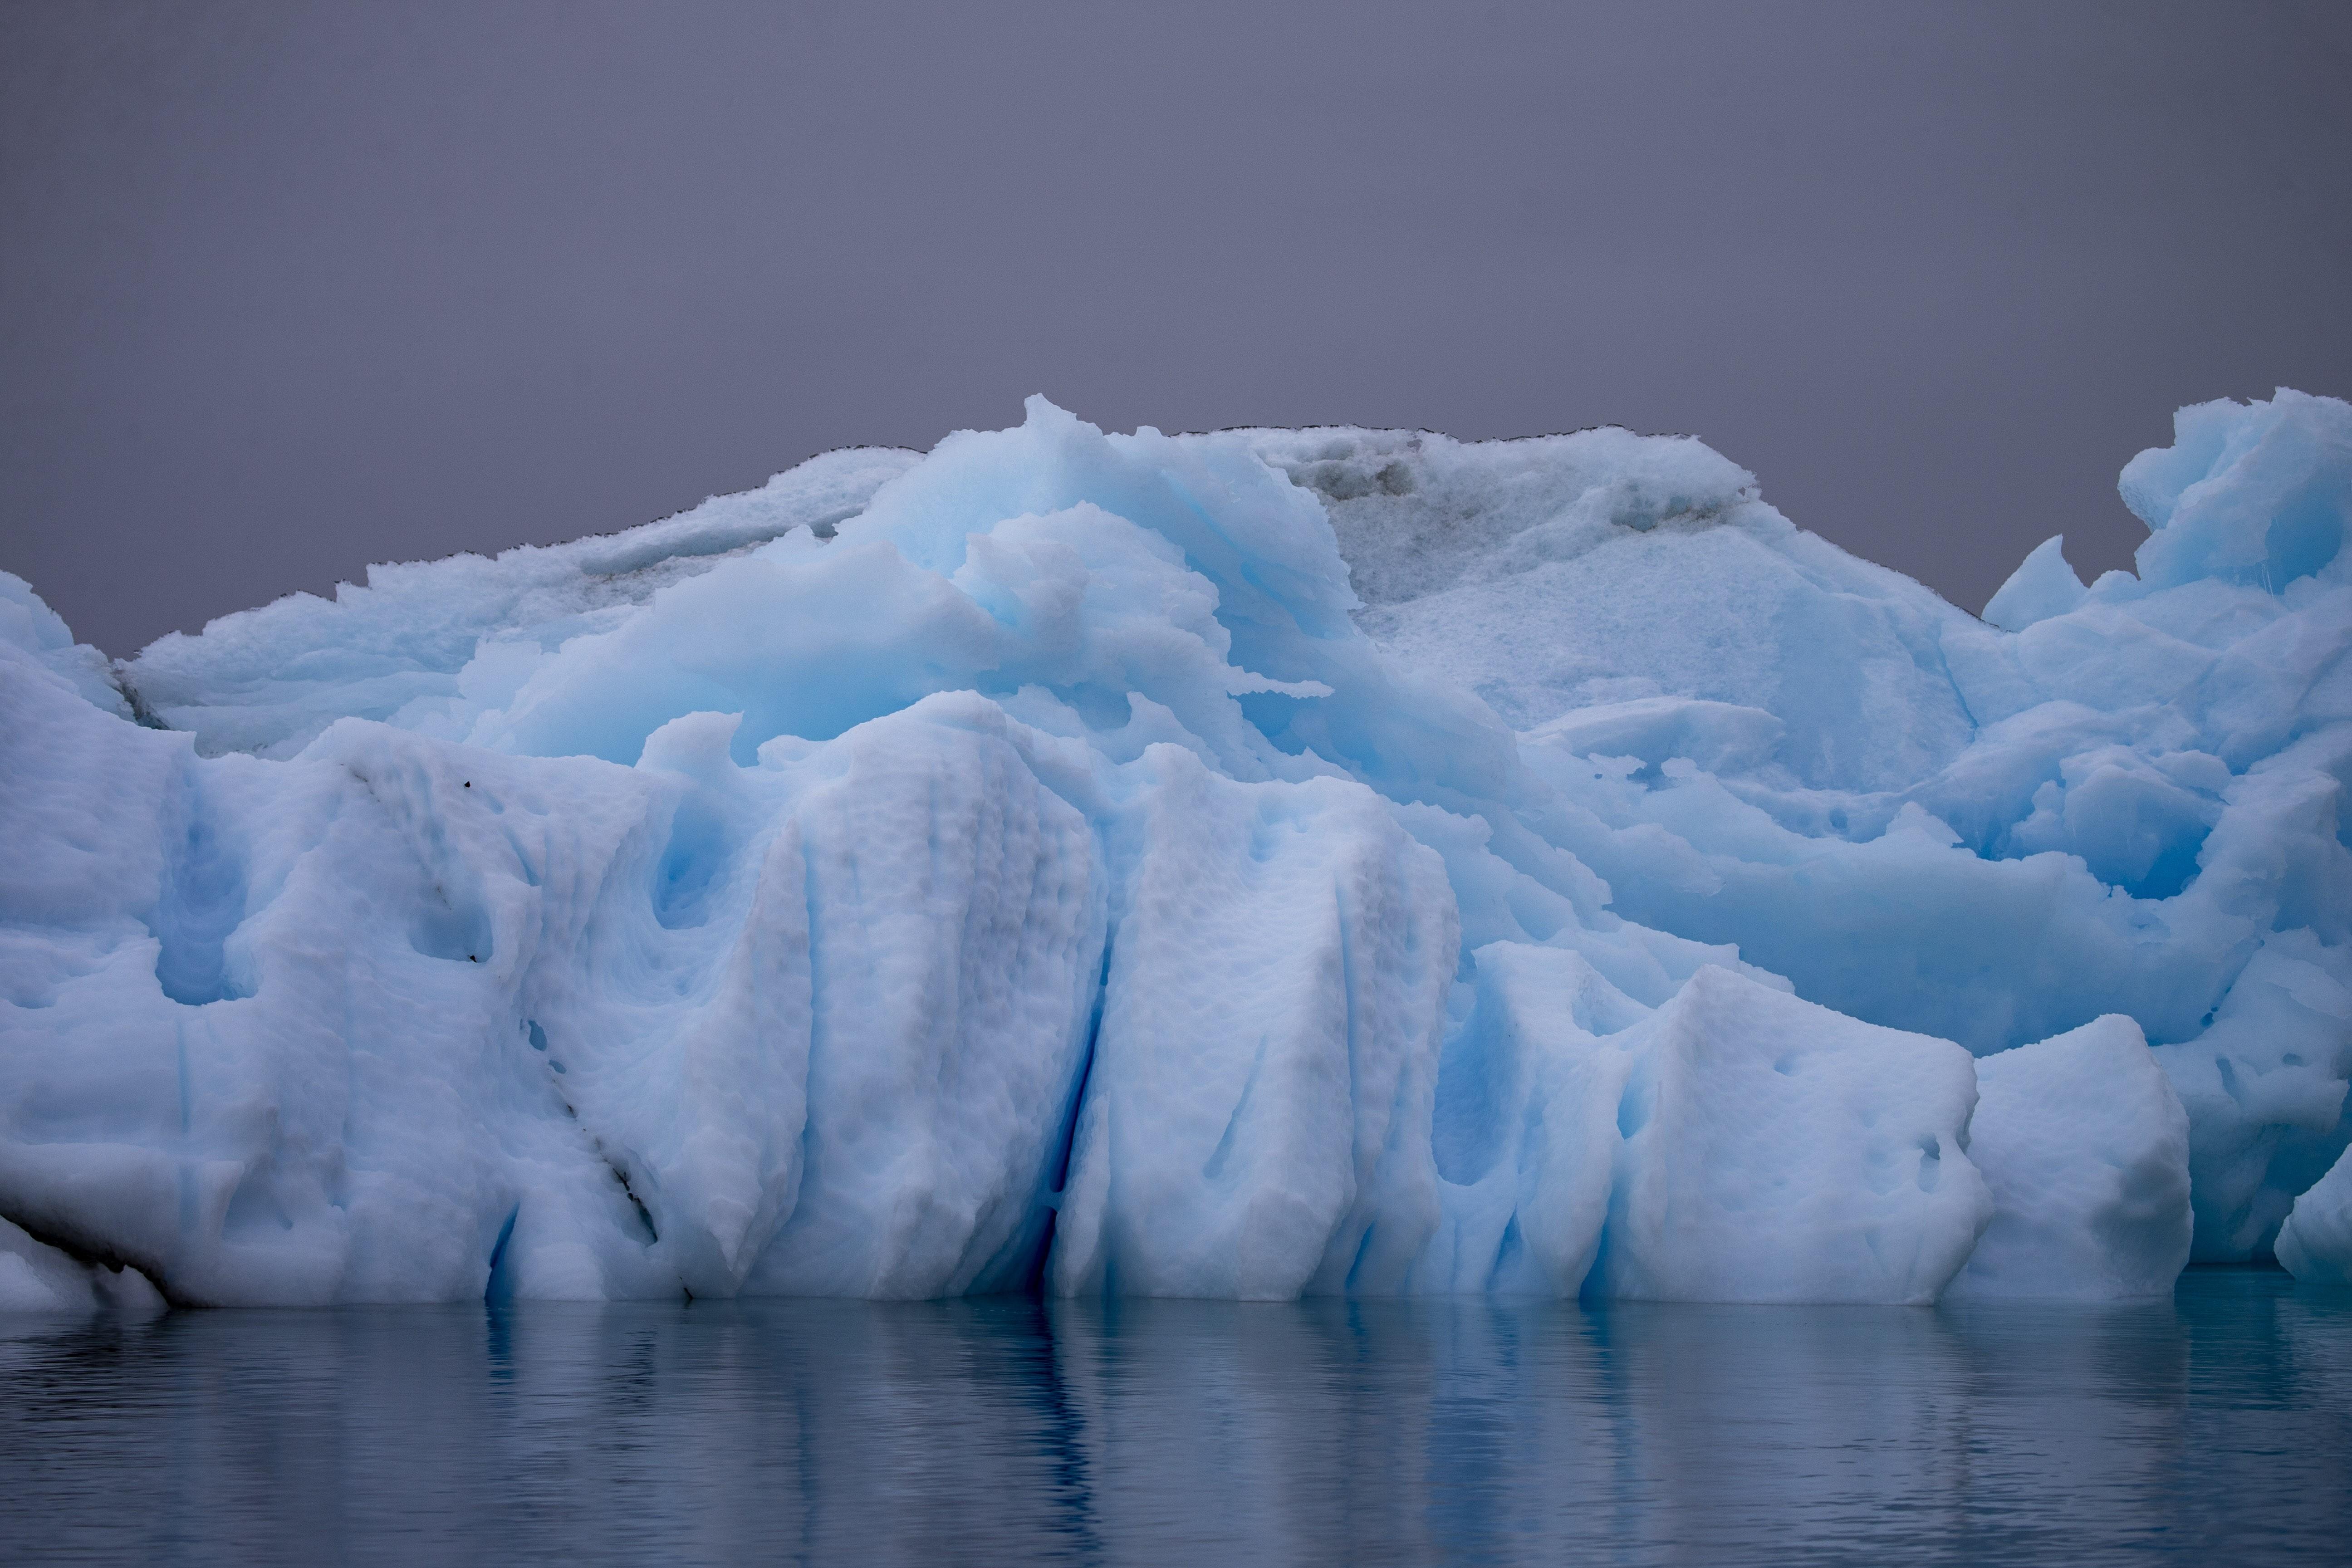 Az utóbbi 4 évben annyit csökkent a déli jégtakaró, amennyit 34 év alatt az északi